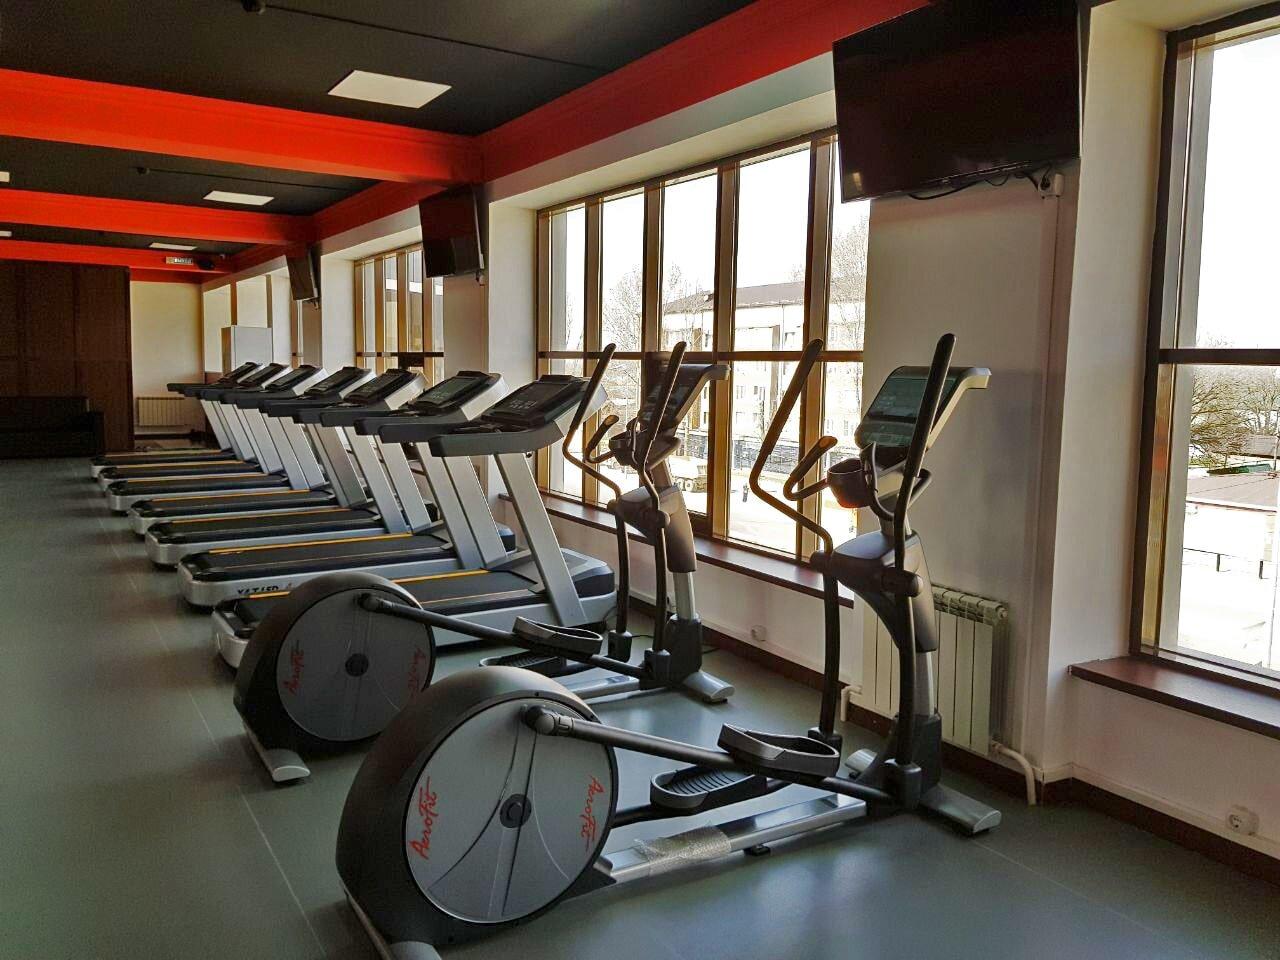 Кардио зона в фитнес клубе на оборудовании AeroFit